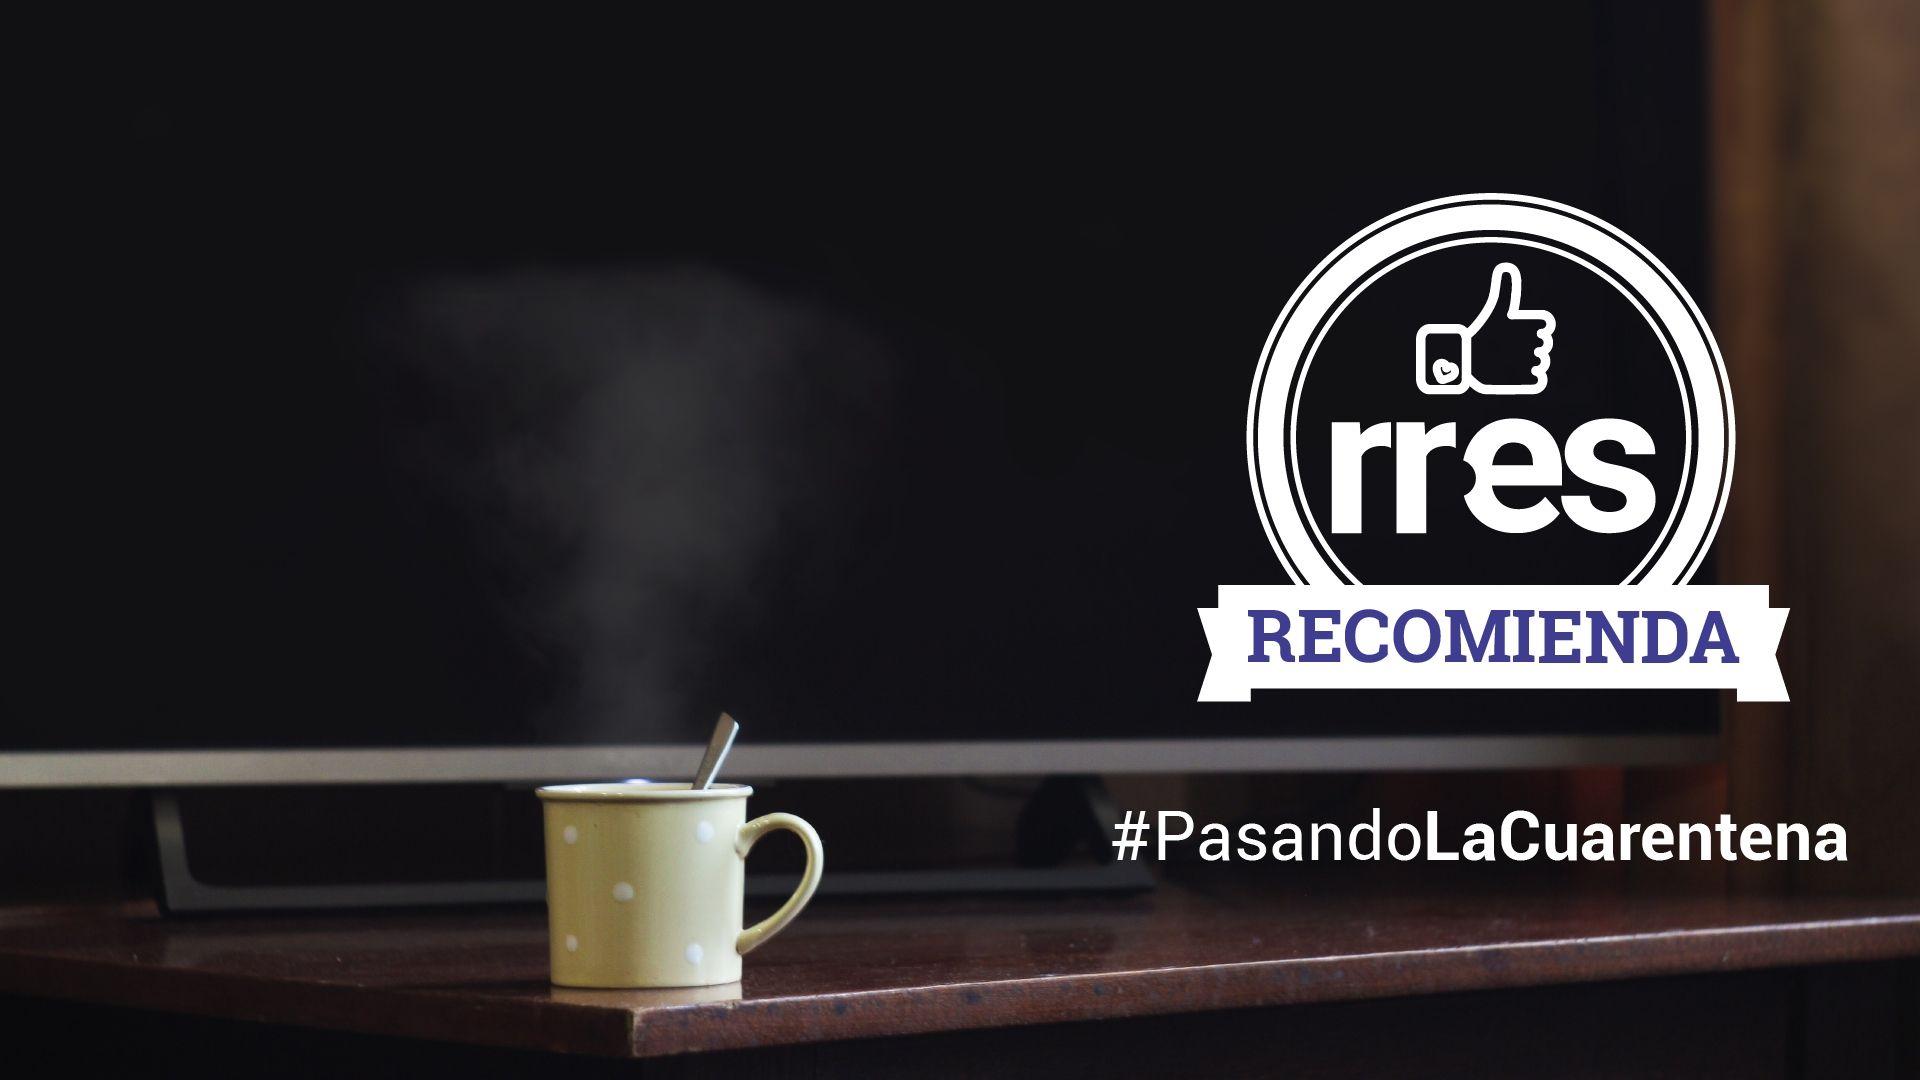 #PasandoLaCuarentena | Galería venezolana Cerquone Projects inaugurará exposición en sede de Madrid